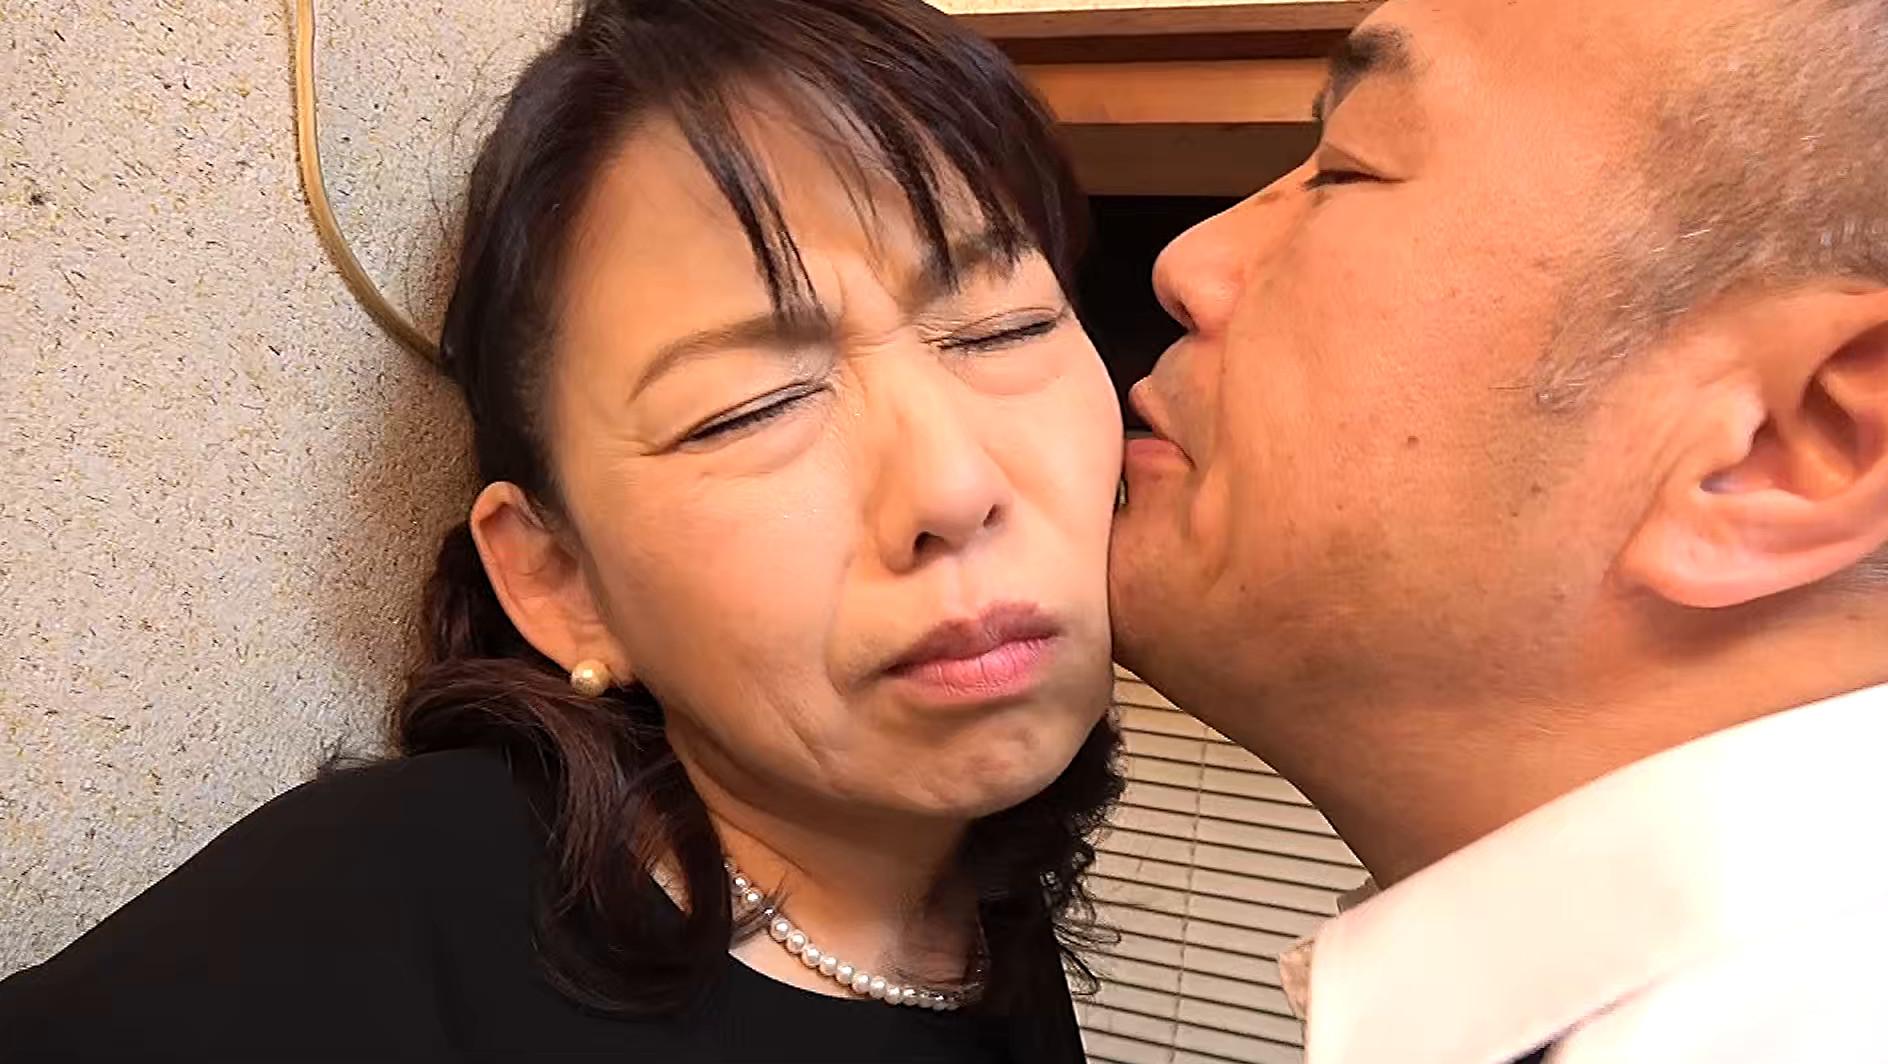 昭和猥褻官能ドラマ 葬式の夜、義兄に襲われた五十路の喪服未亡人 往診に来た医者に人妻は陰部をイジられ・・・